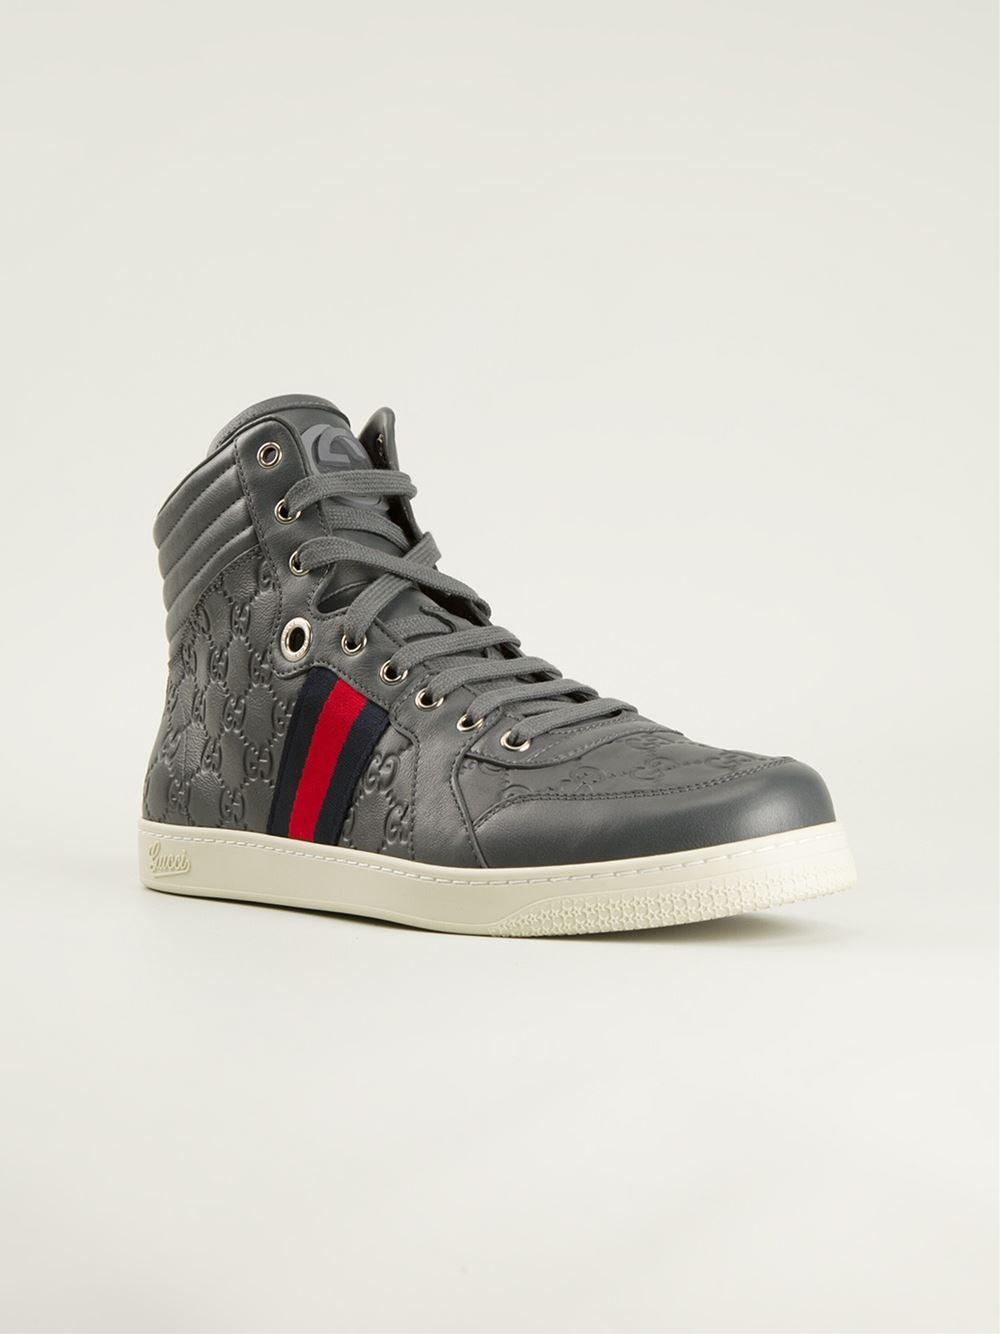 f6e7e3dc7bb1 Lyst - Gucci Monogram Sneakers in Gray for Men